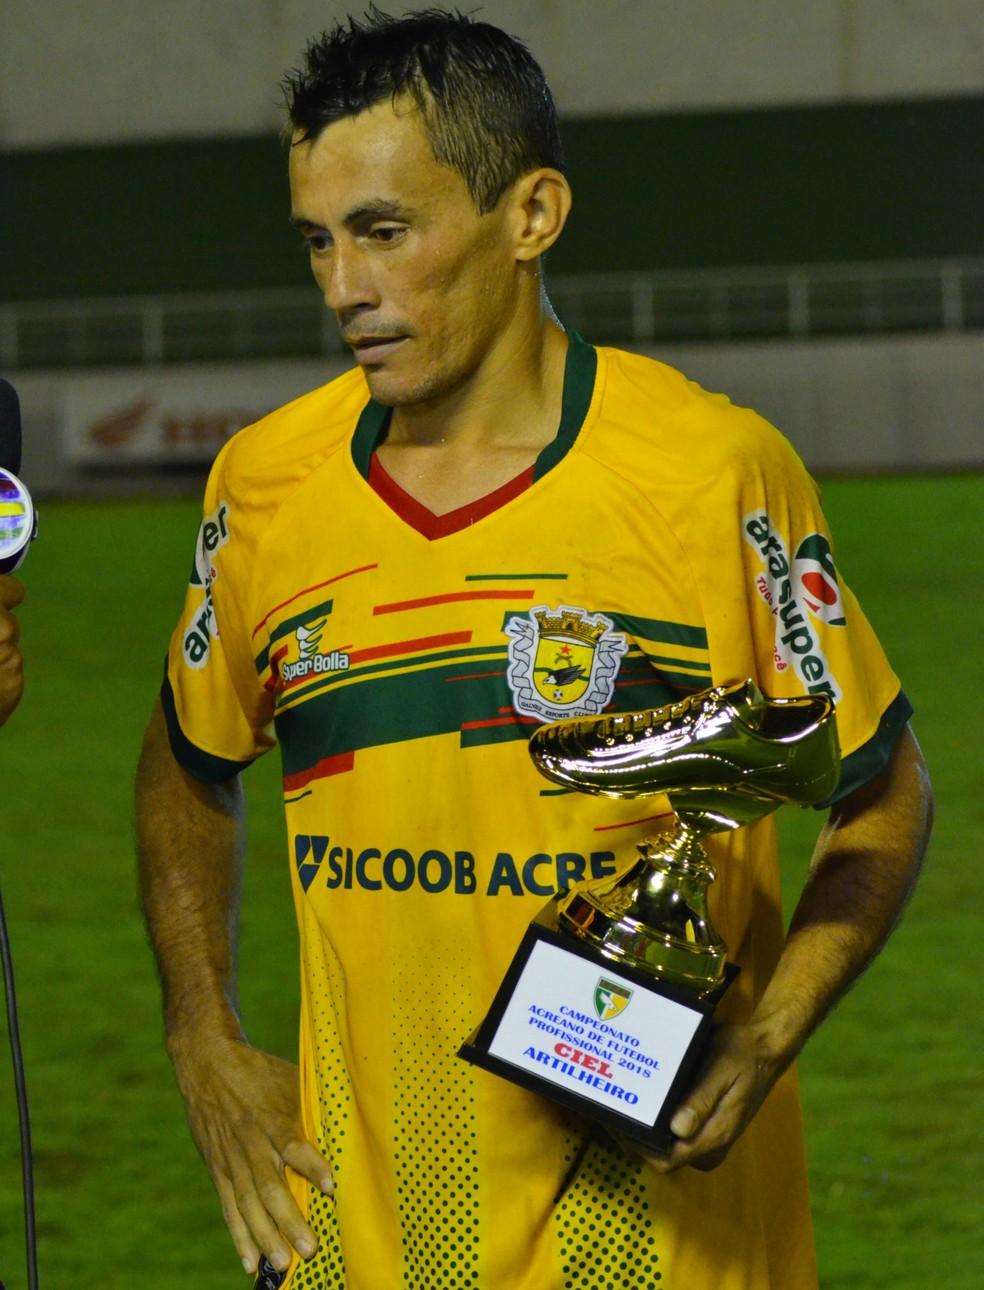 Ciel, artilheiro e craque do Acreano 2018, com o troféu de goleador do estadual após a decisão do último domingo (8) (Foto: Nathacha Albuquerque)